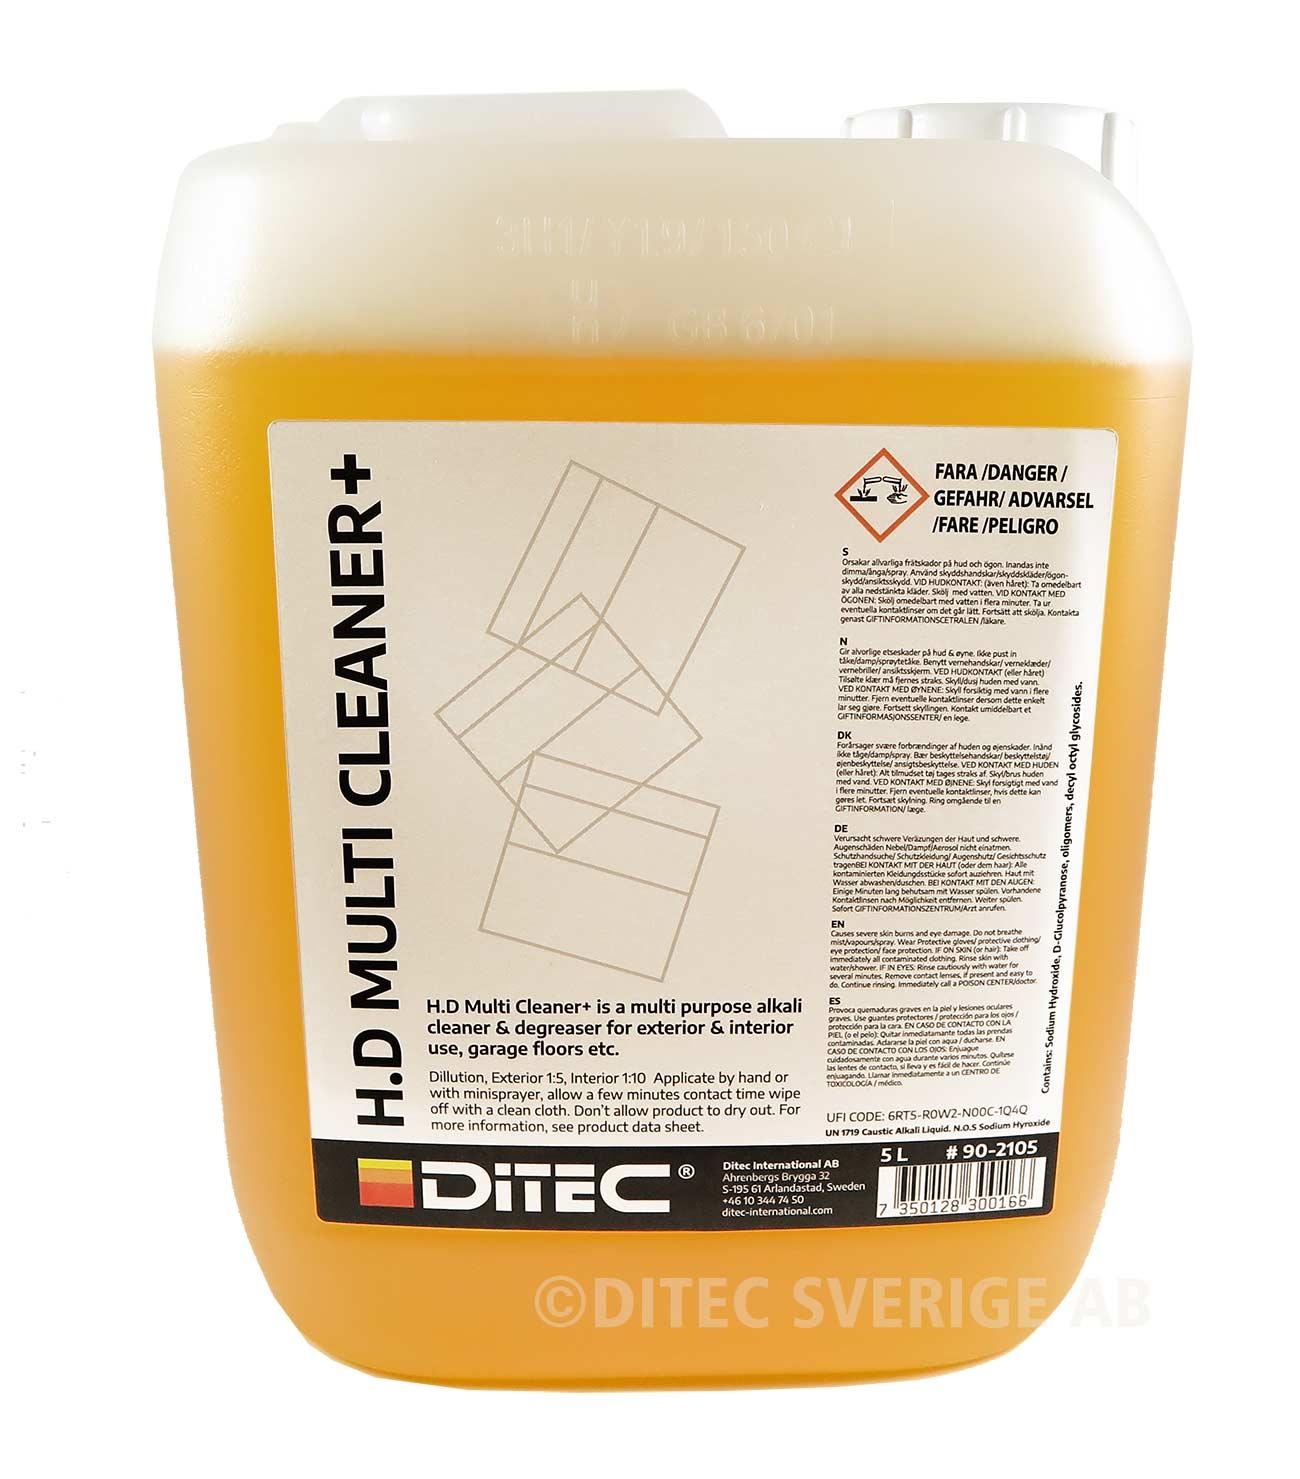 Ditec H.D Multi Cleaner Plus 5 Liter